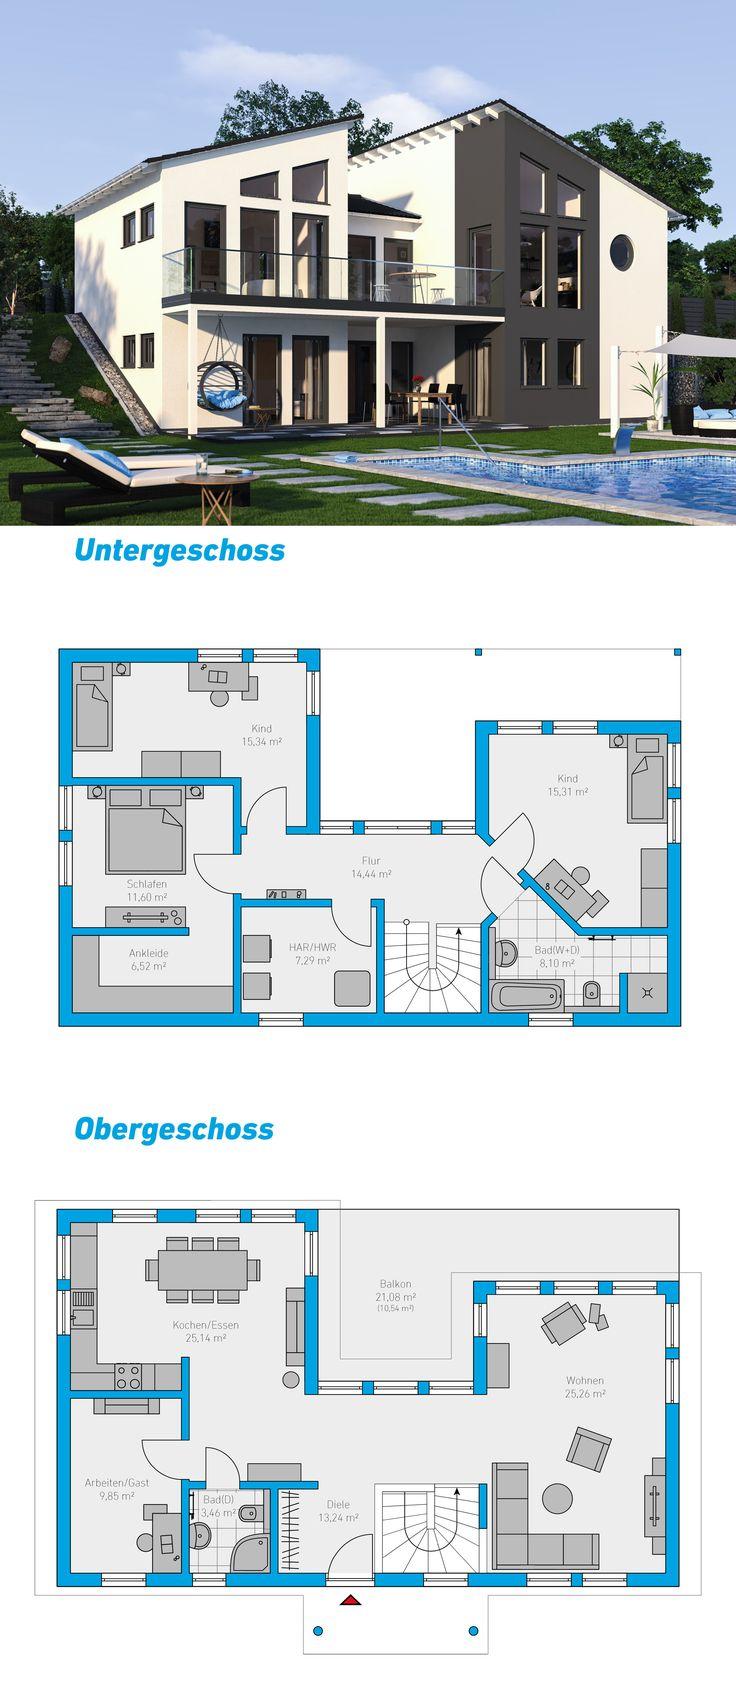 Montis 177 - schlüsselfertiges Massivhaus Hanghaus #spektralhaus #ingutenwänden #2geschossig #hanghaus #Grundriss #Hausbau #Massivhaus #Steinmassivhaus #Steinhaus #schlüsselfertig  #neubau #eigenheim #traumhaus #ausbauhaus